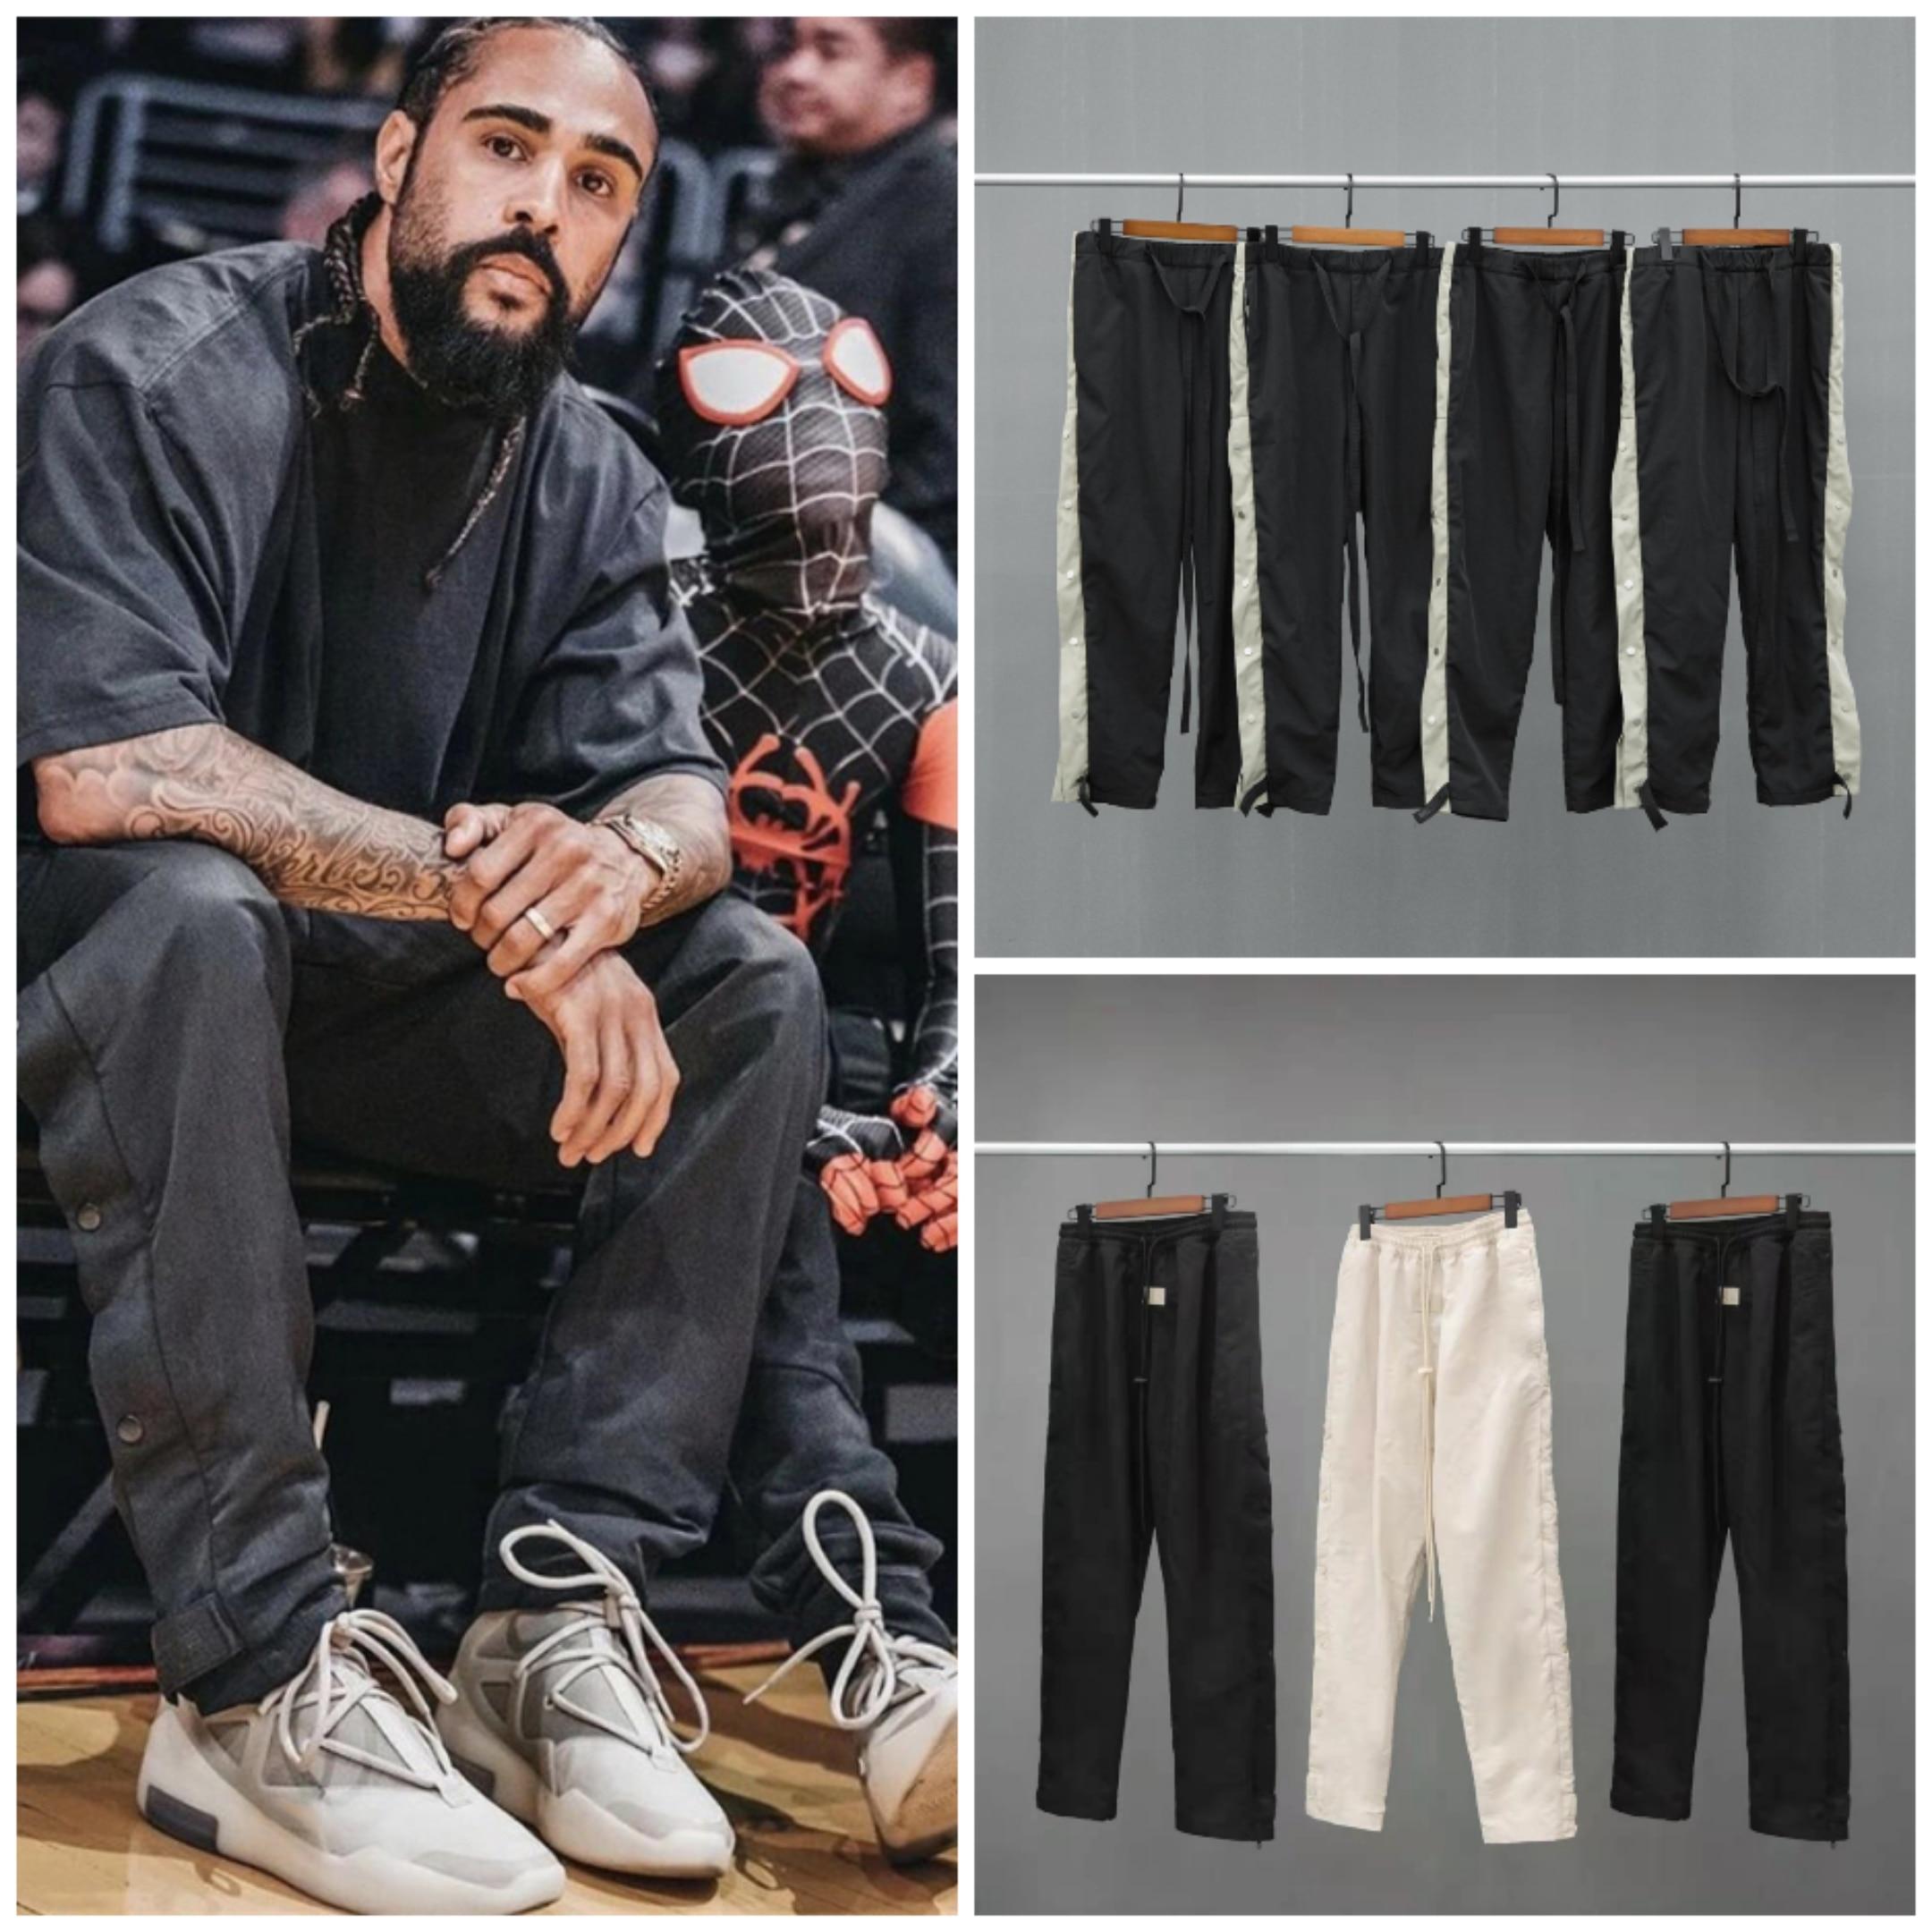 Уличные трендовые свободные мужские брюки большого размера для женщин и мужчин, спортивные повседневные нейлоновые брюки Джастина Бибера ...